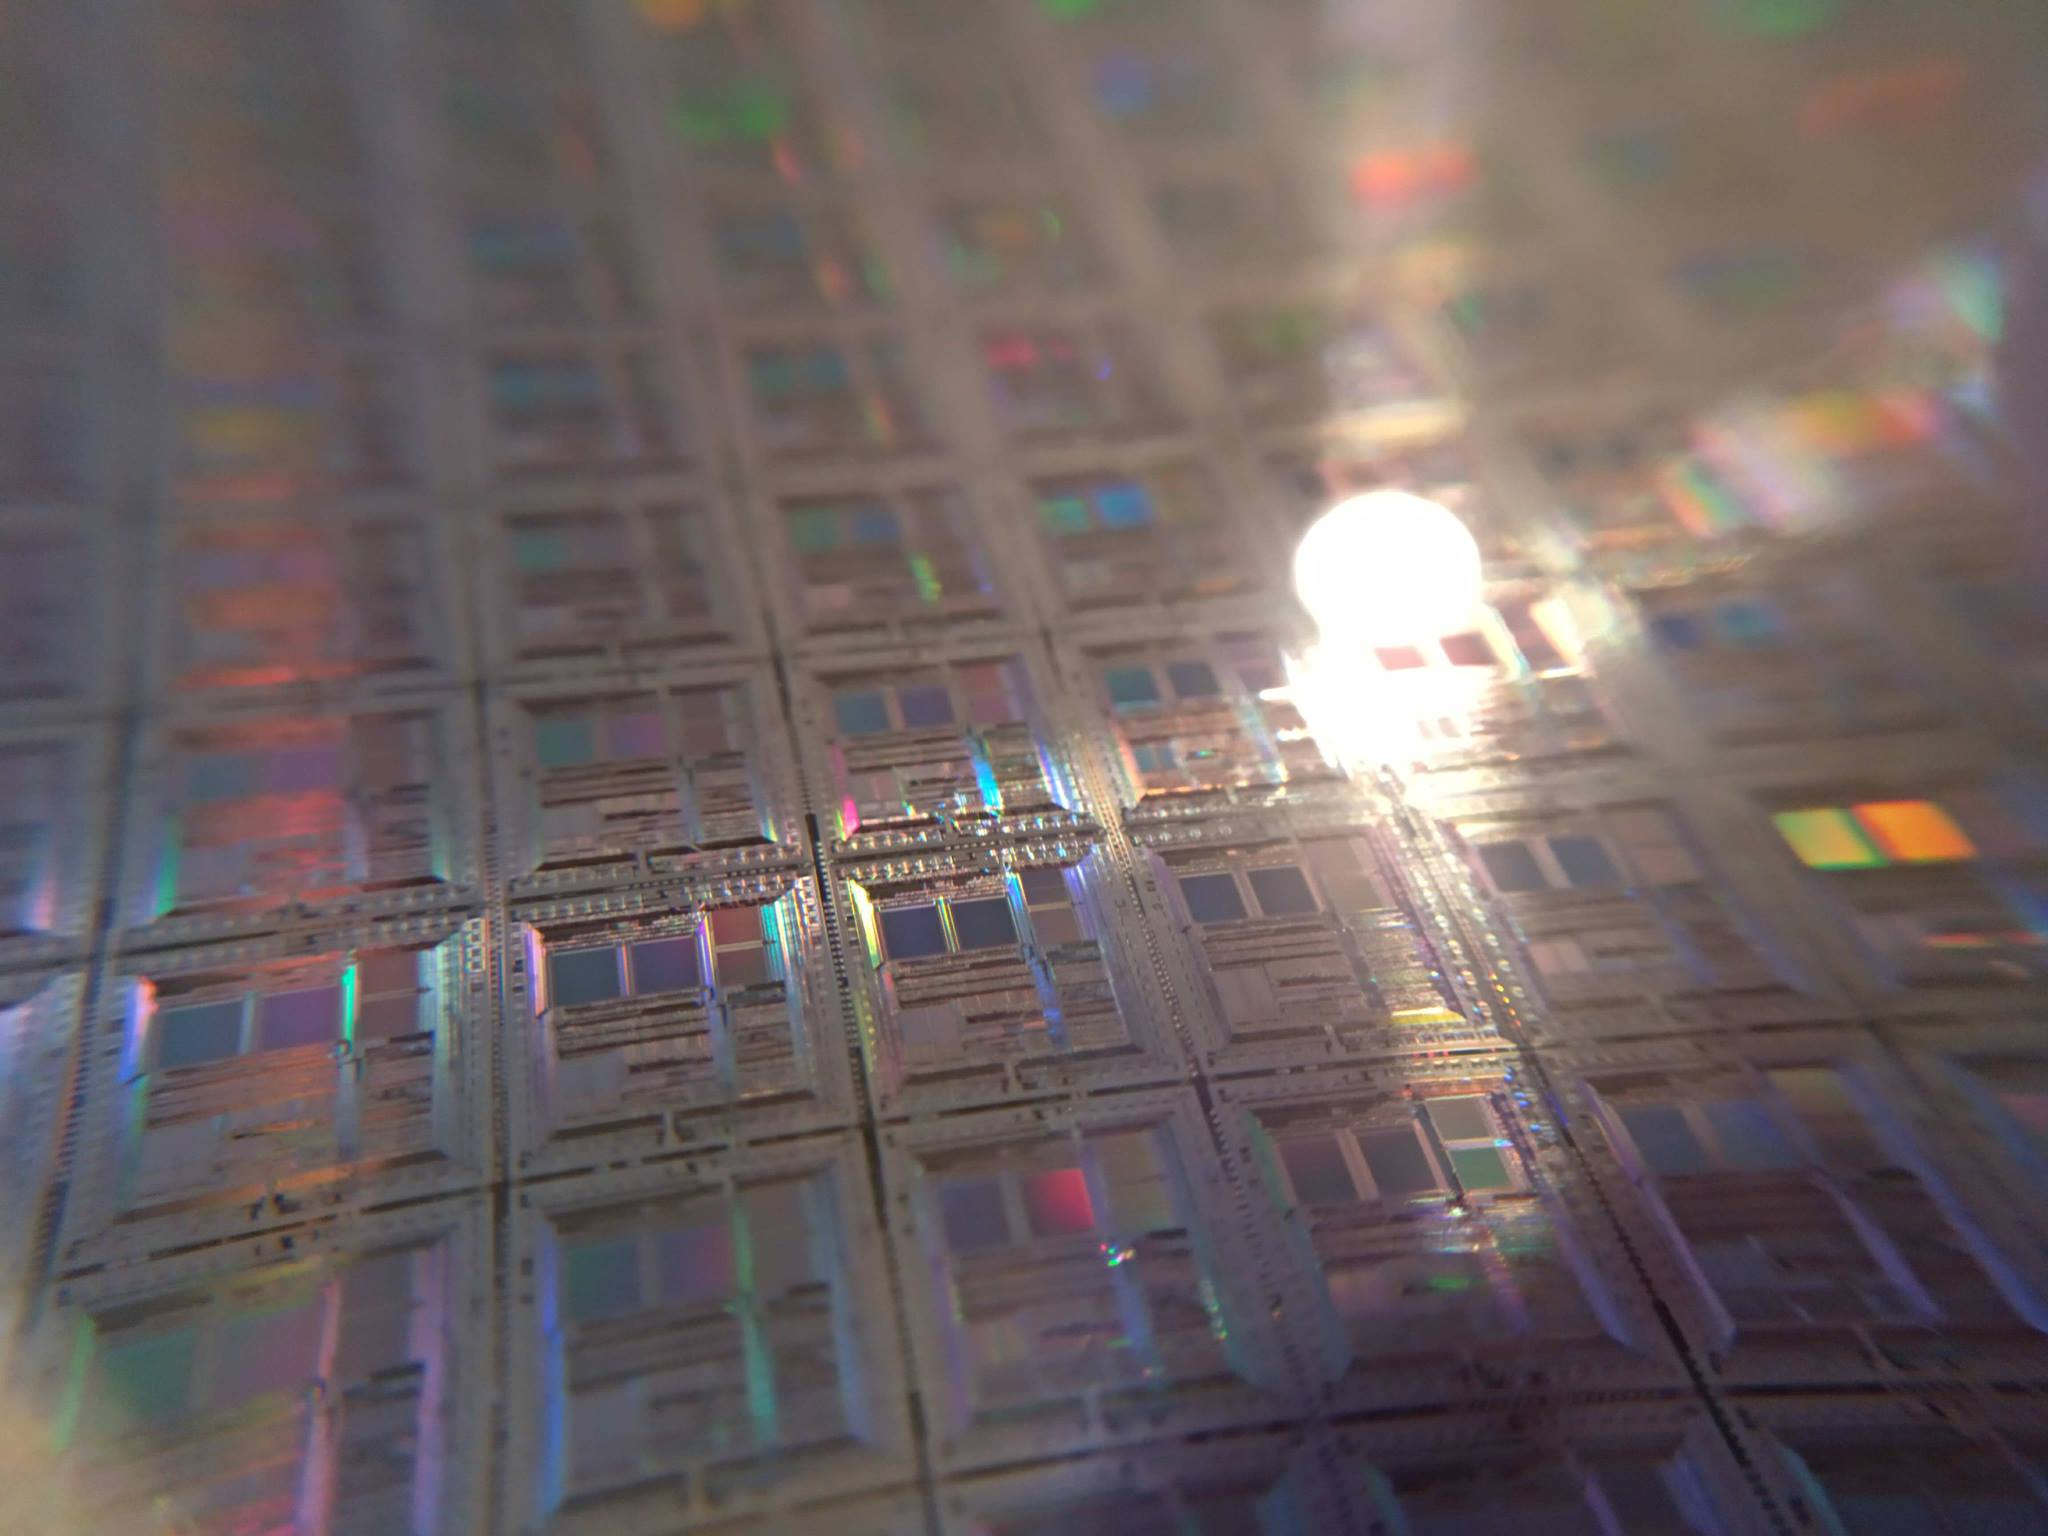 Технология из 80-х: кто возрождает waferscale-процессоры - 1